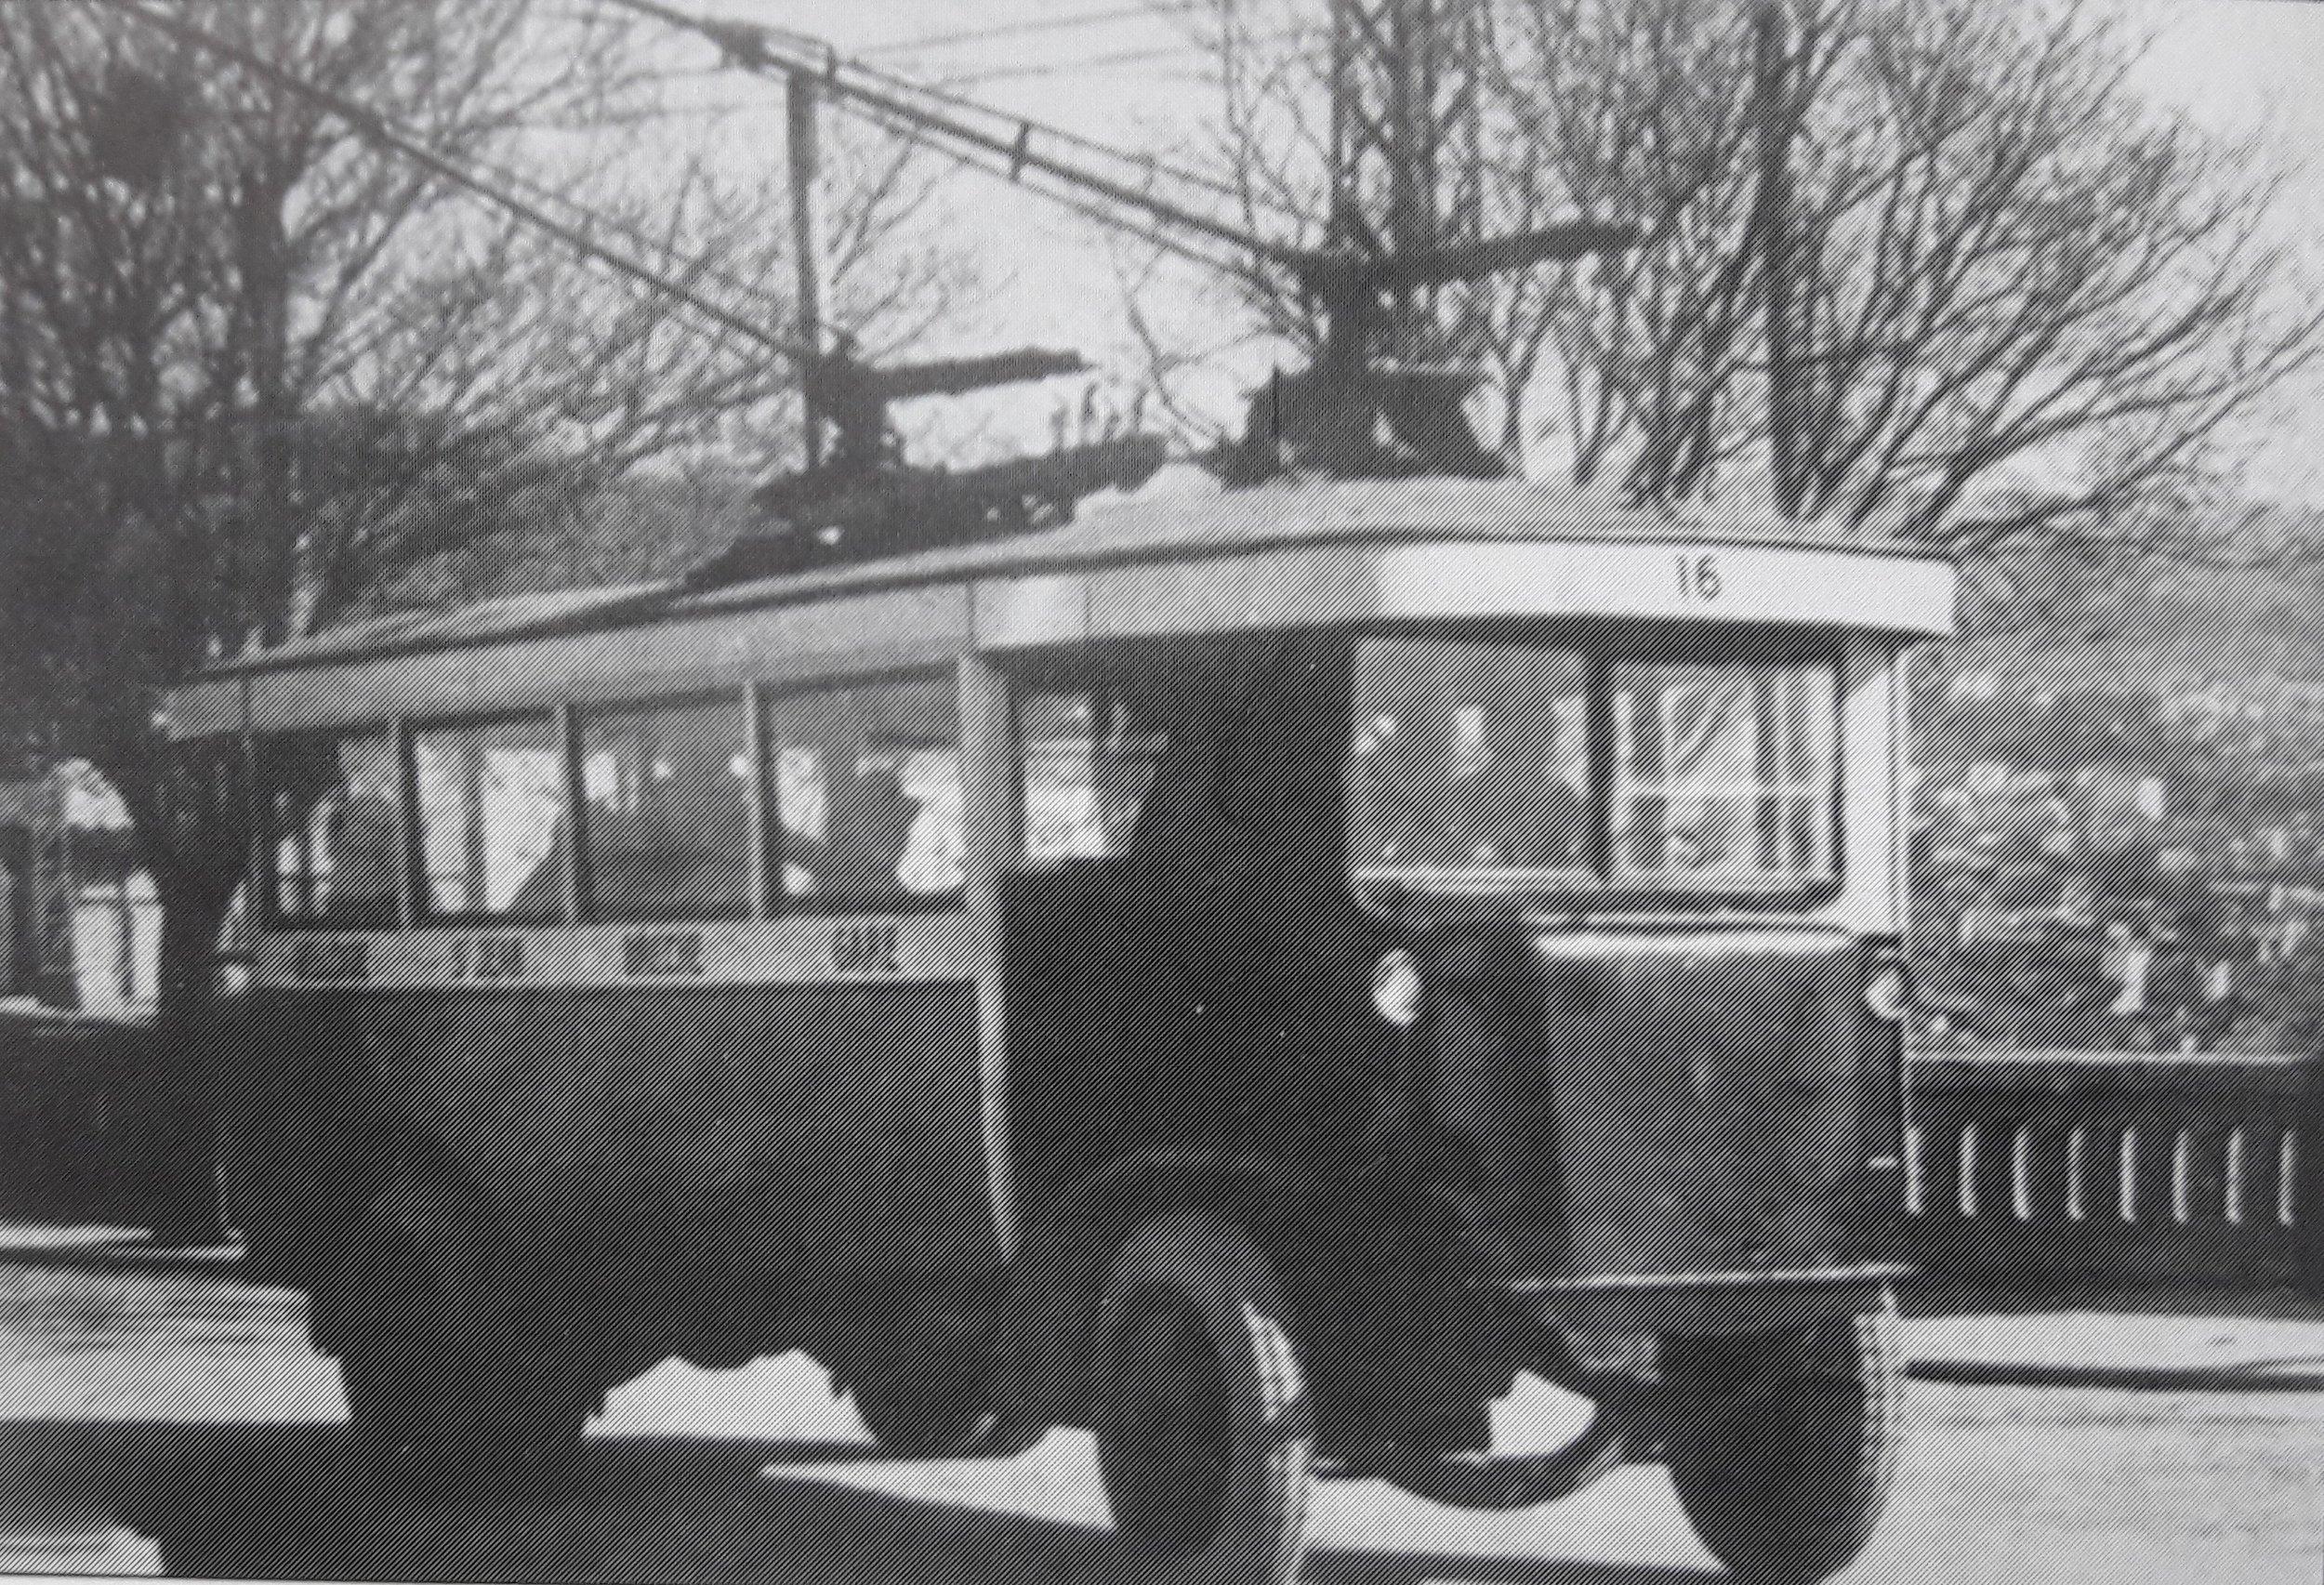 Vůz typu O.T.C. 2 ev. č. 16 (zdroj: archiv G. Mullera)